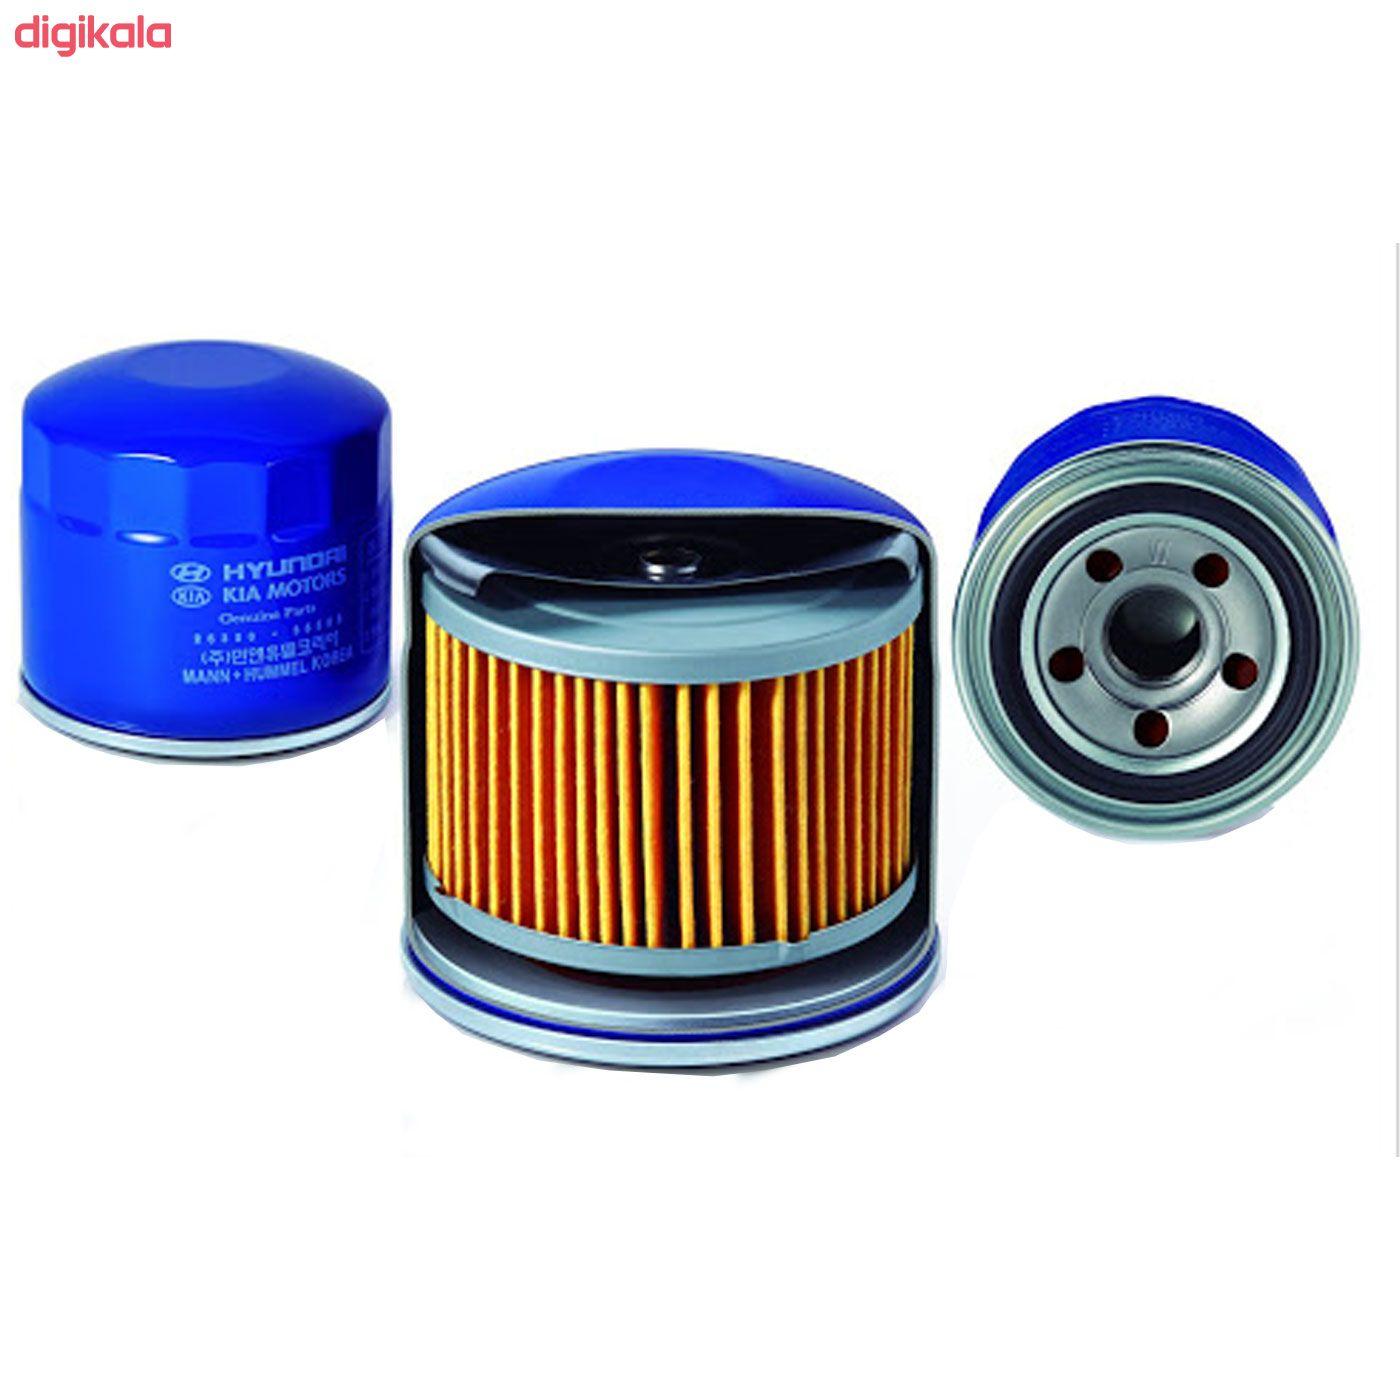 فیلتر روغن خودرو هیوندای جنیون پارتس مدل 35505 مناسب برای سراتو نیو YD main 1 1